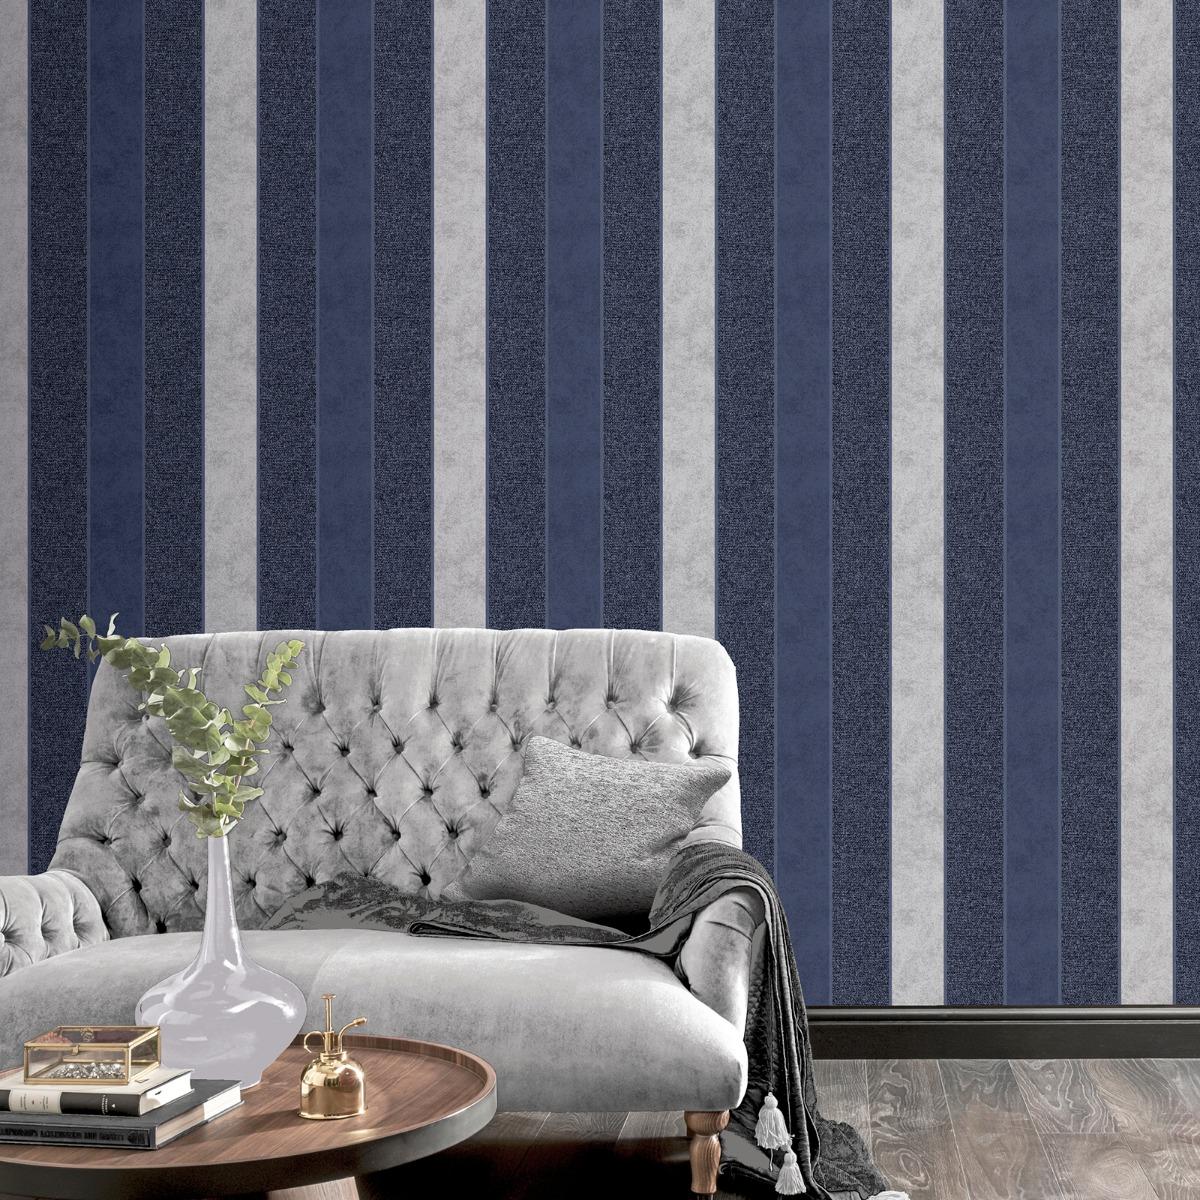 Calico Stripe Texture Wallpaper Navy Arthouse 921302